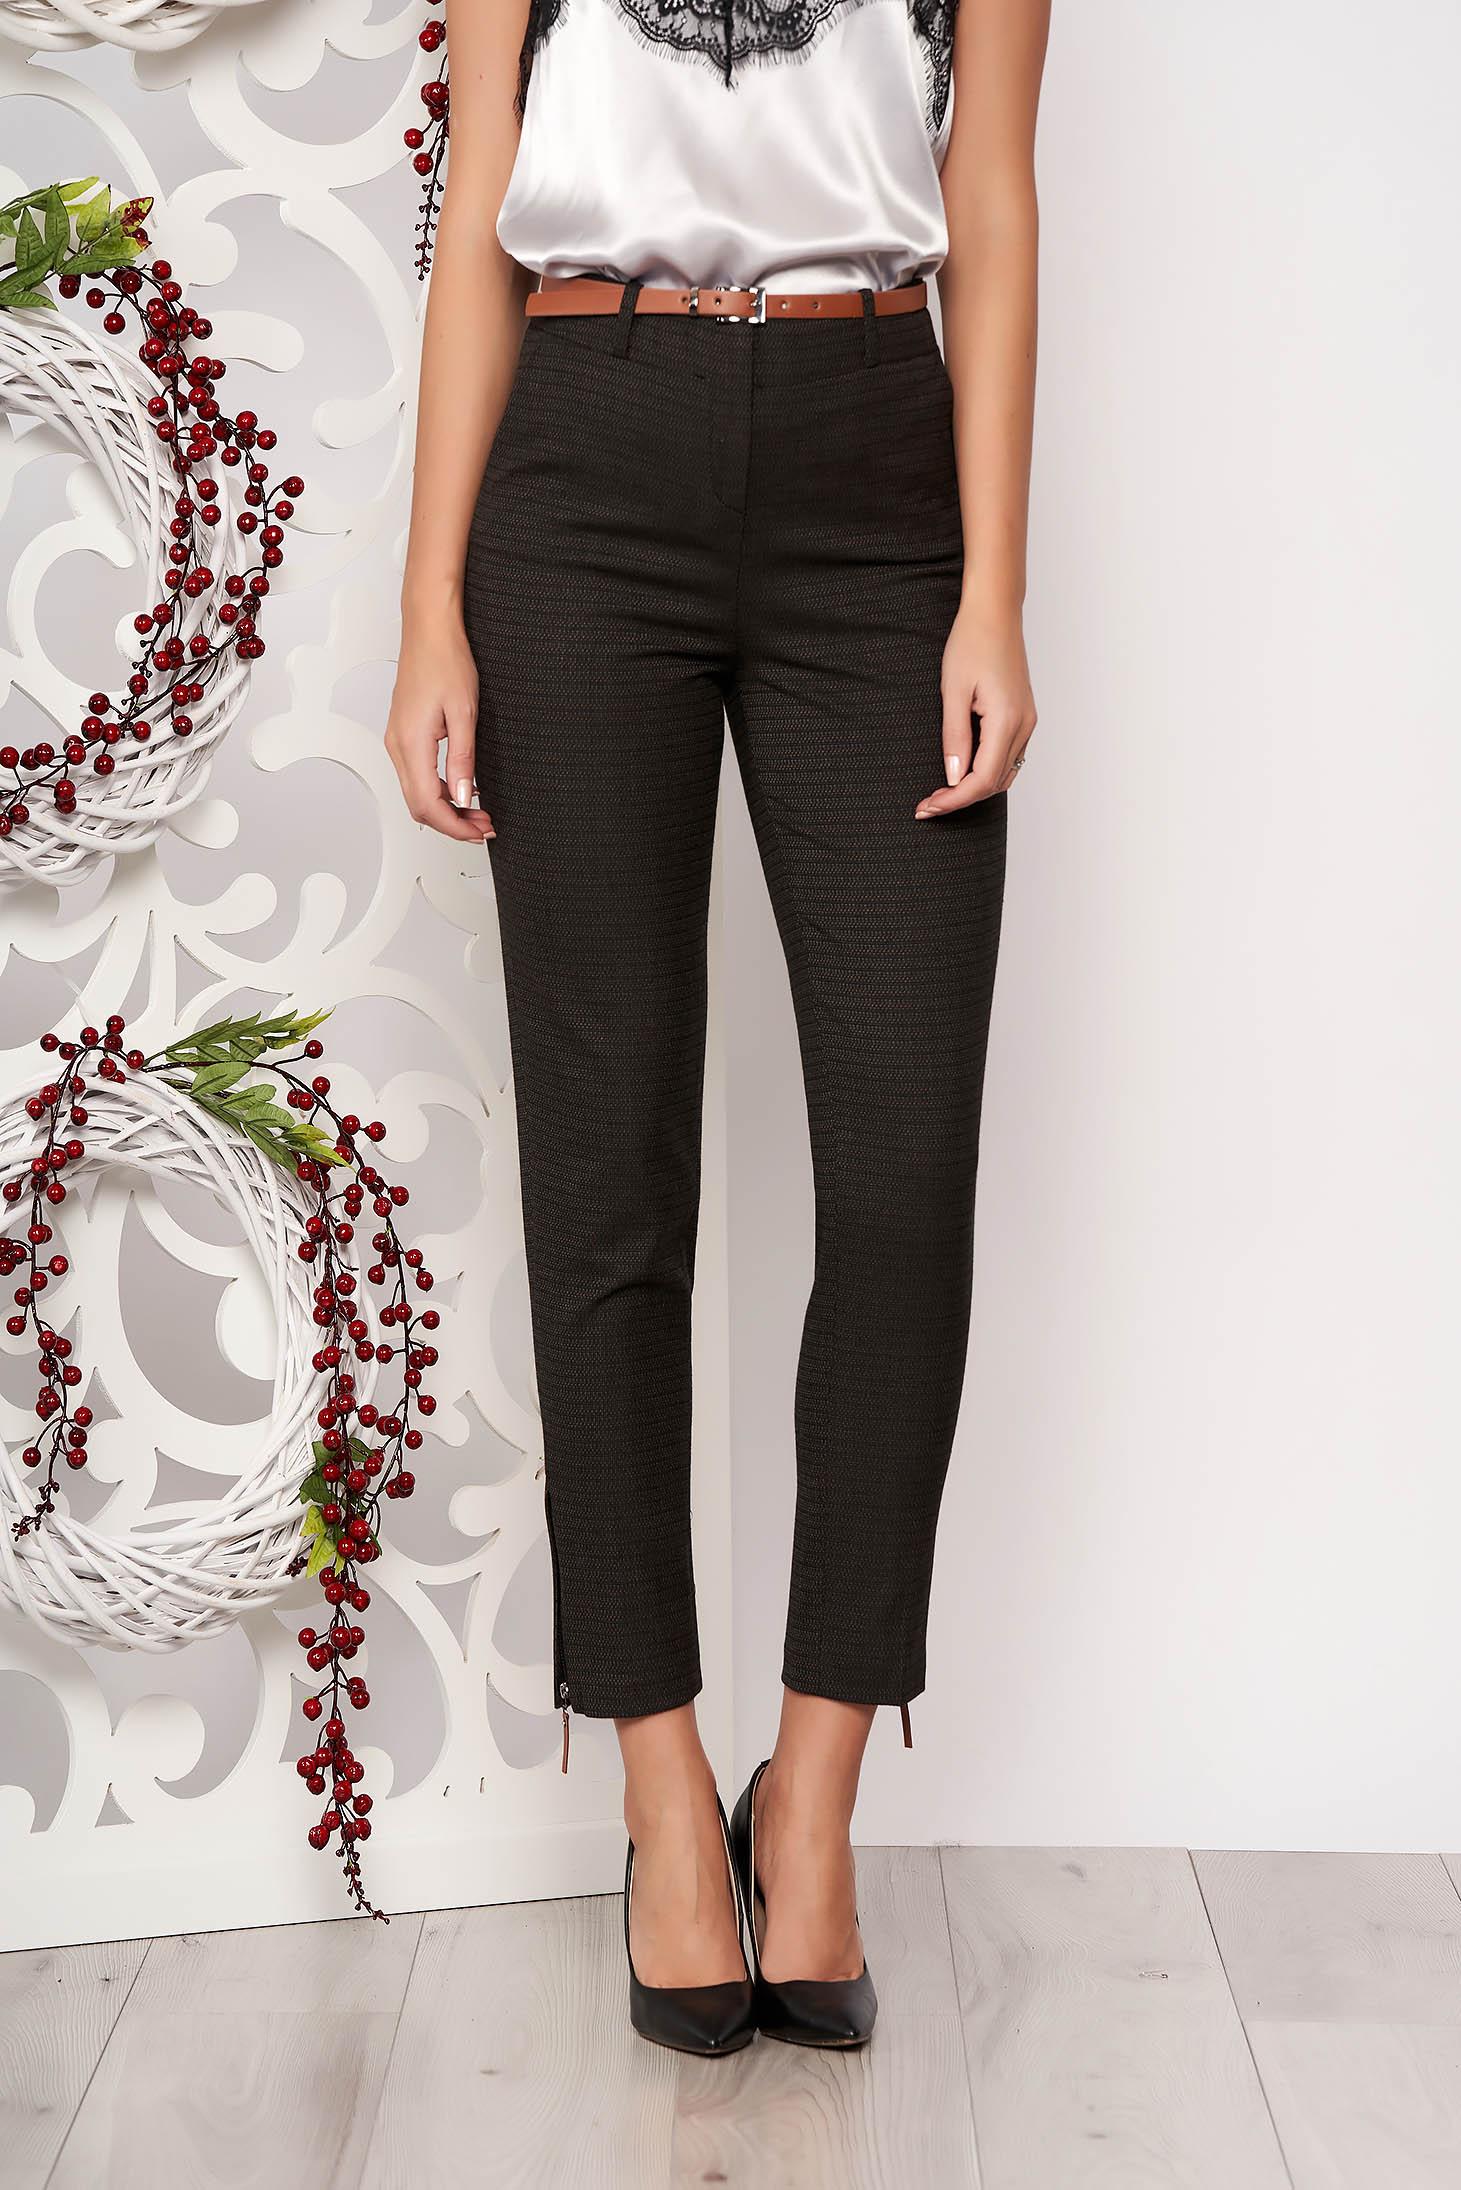 Pantaloni LaDonna gri inchis office cu un croi drept cu talie medie din stofa usor elastica cu accesoriu tip curea